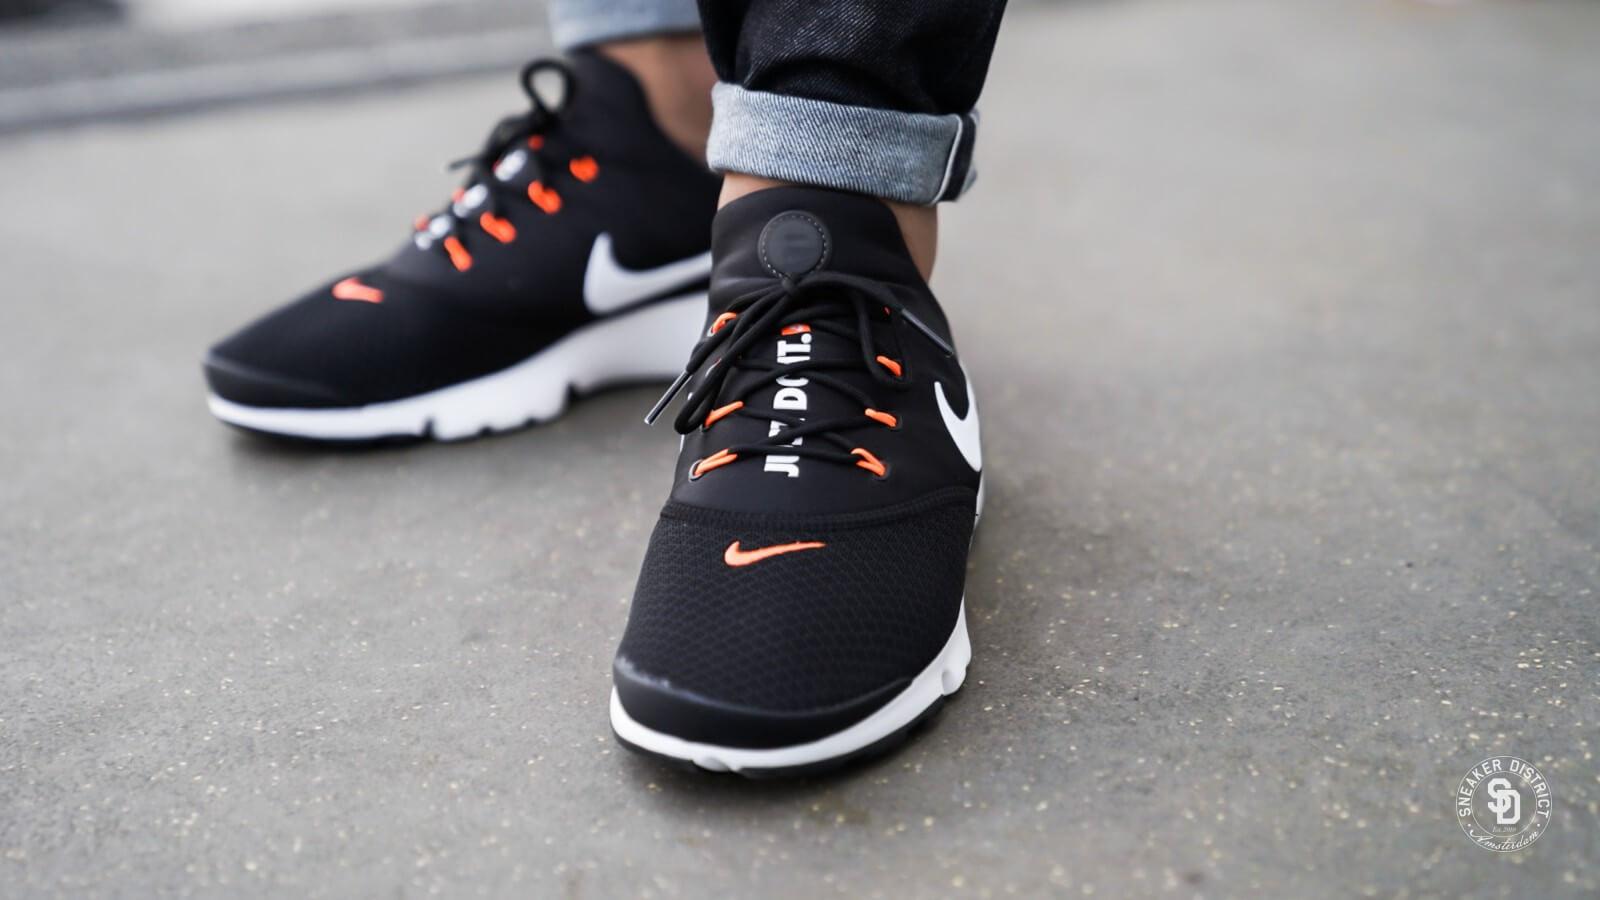 Nike Presto Fly Just Do It Black/White-Total Orange